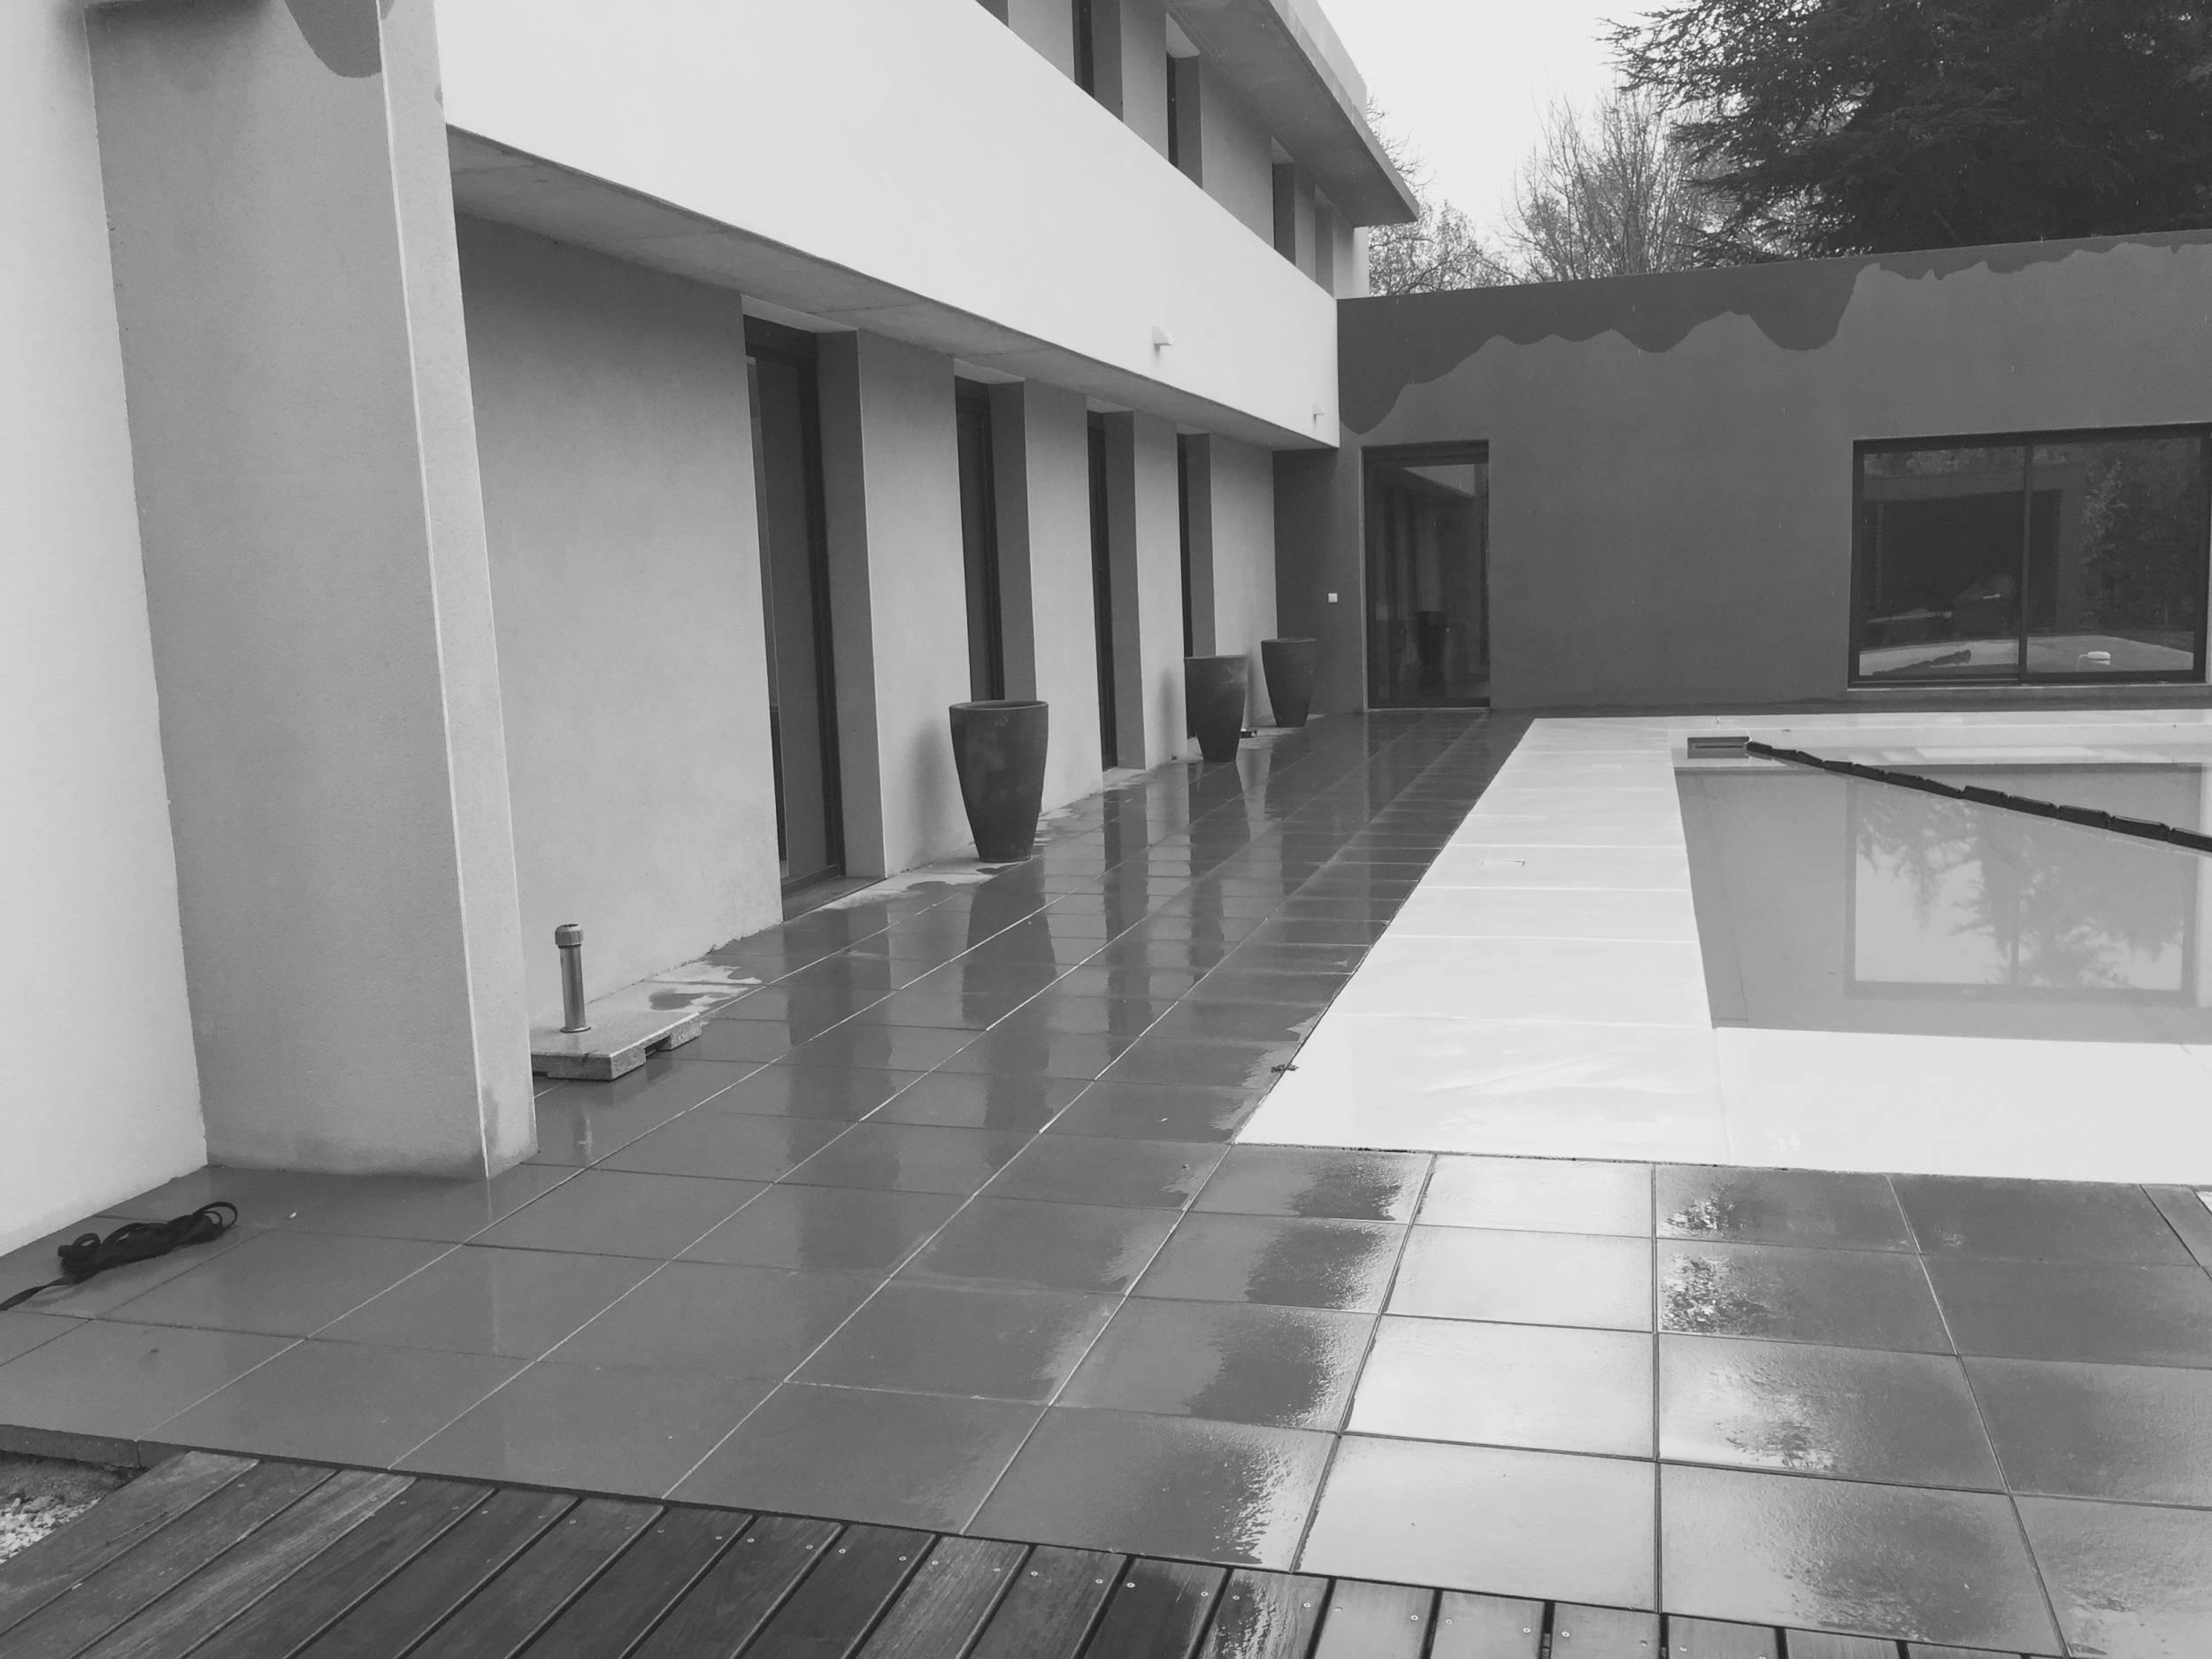 plage piscine en bois a aix en provence am nagement de terrasse en bois aix en provence. Black Bedroom Furniture Sets. Home Design Ideas